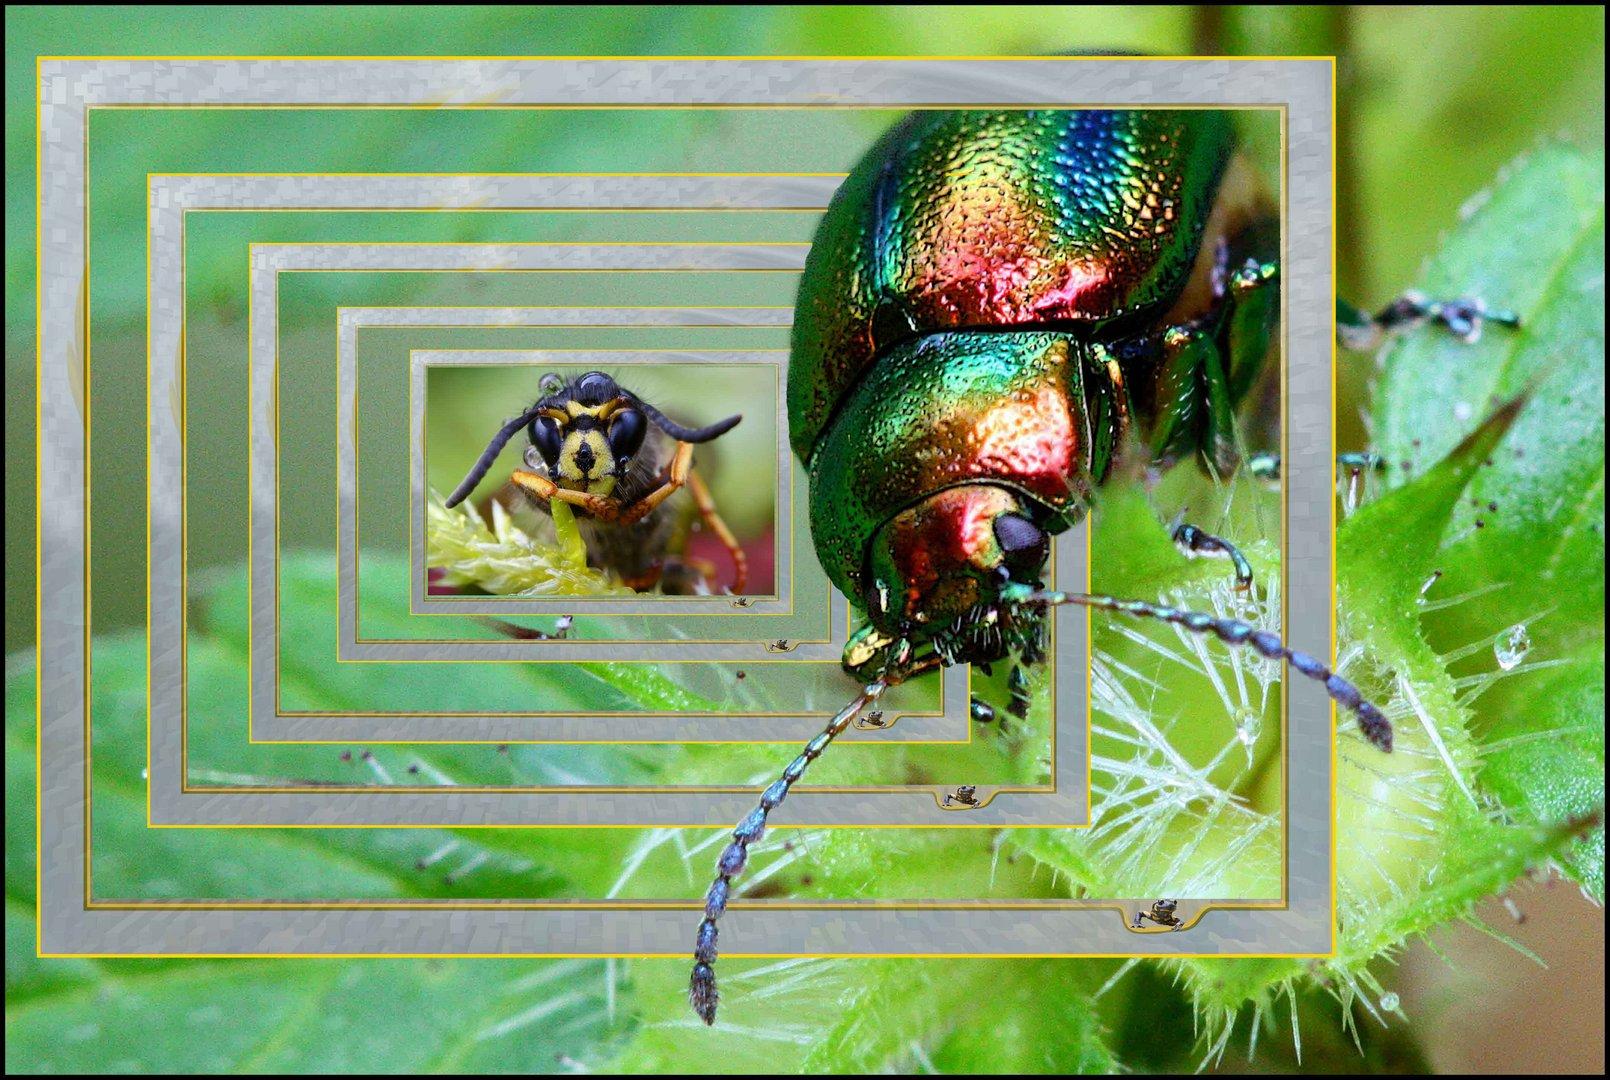 Wunderbar Pictionary Rahmen Spiel Galerie - Benutzerdefinierte ...